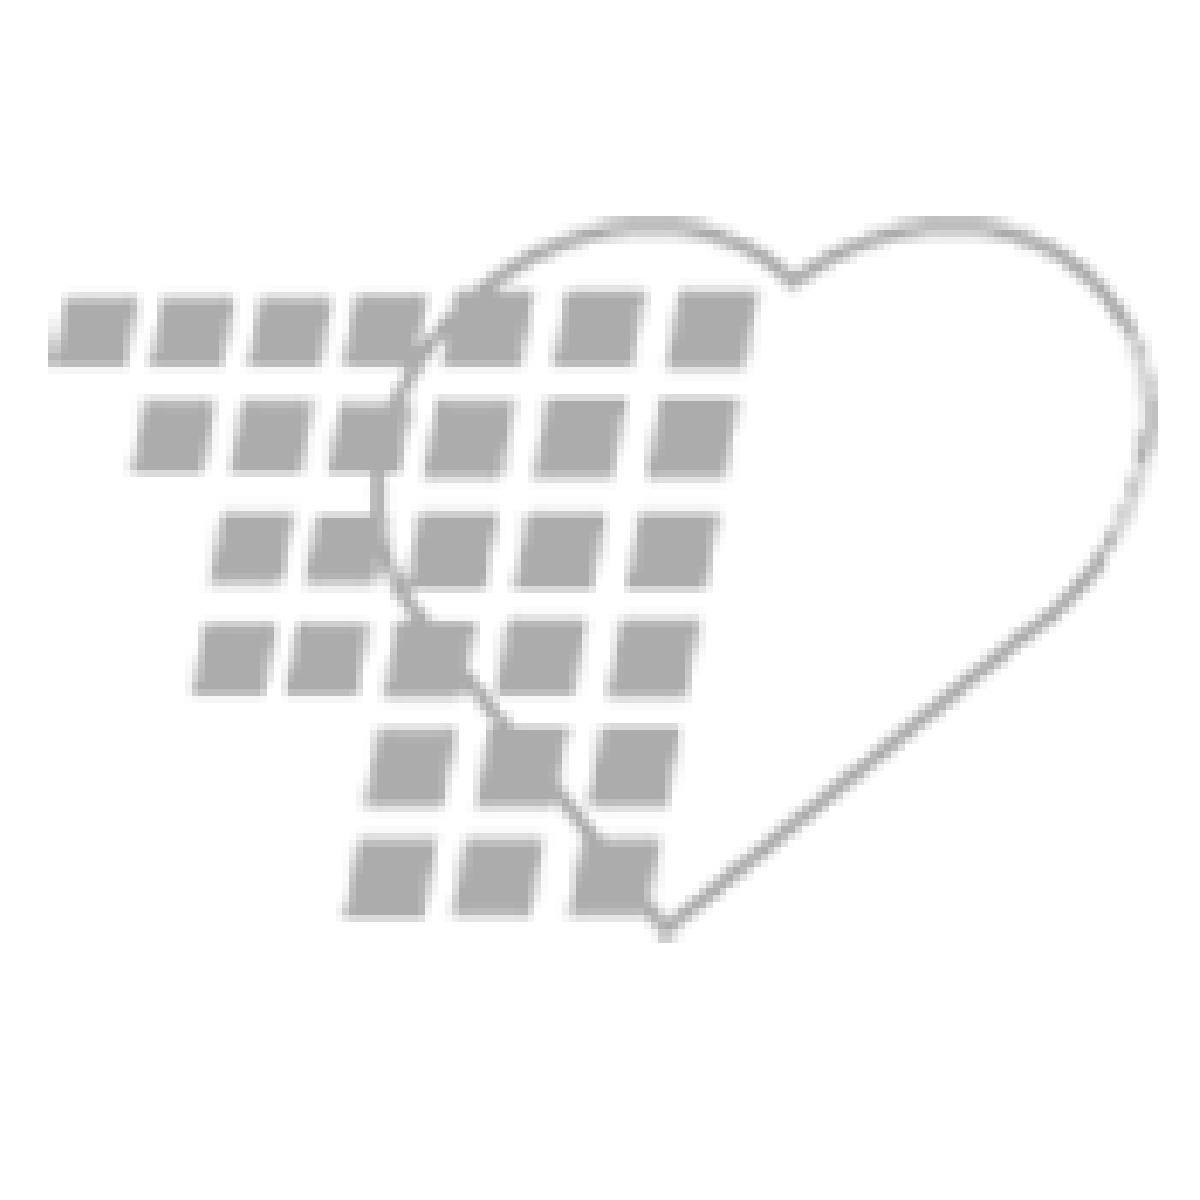 06-93-1431 Demo Dose® Levemr 100 units/ 10mL